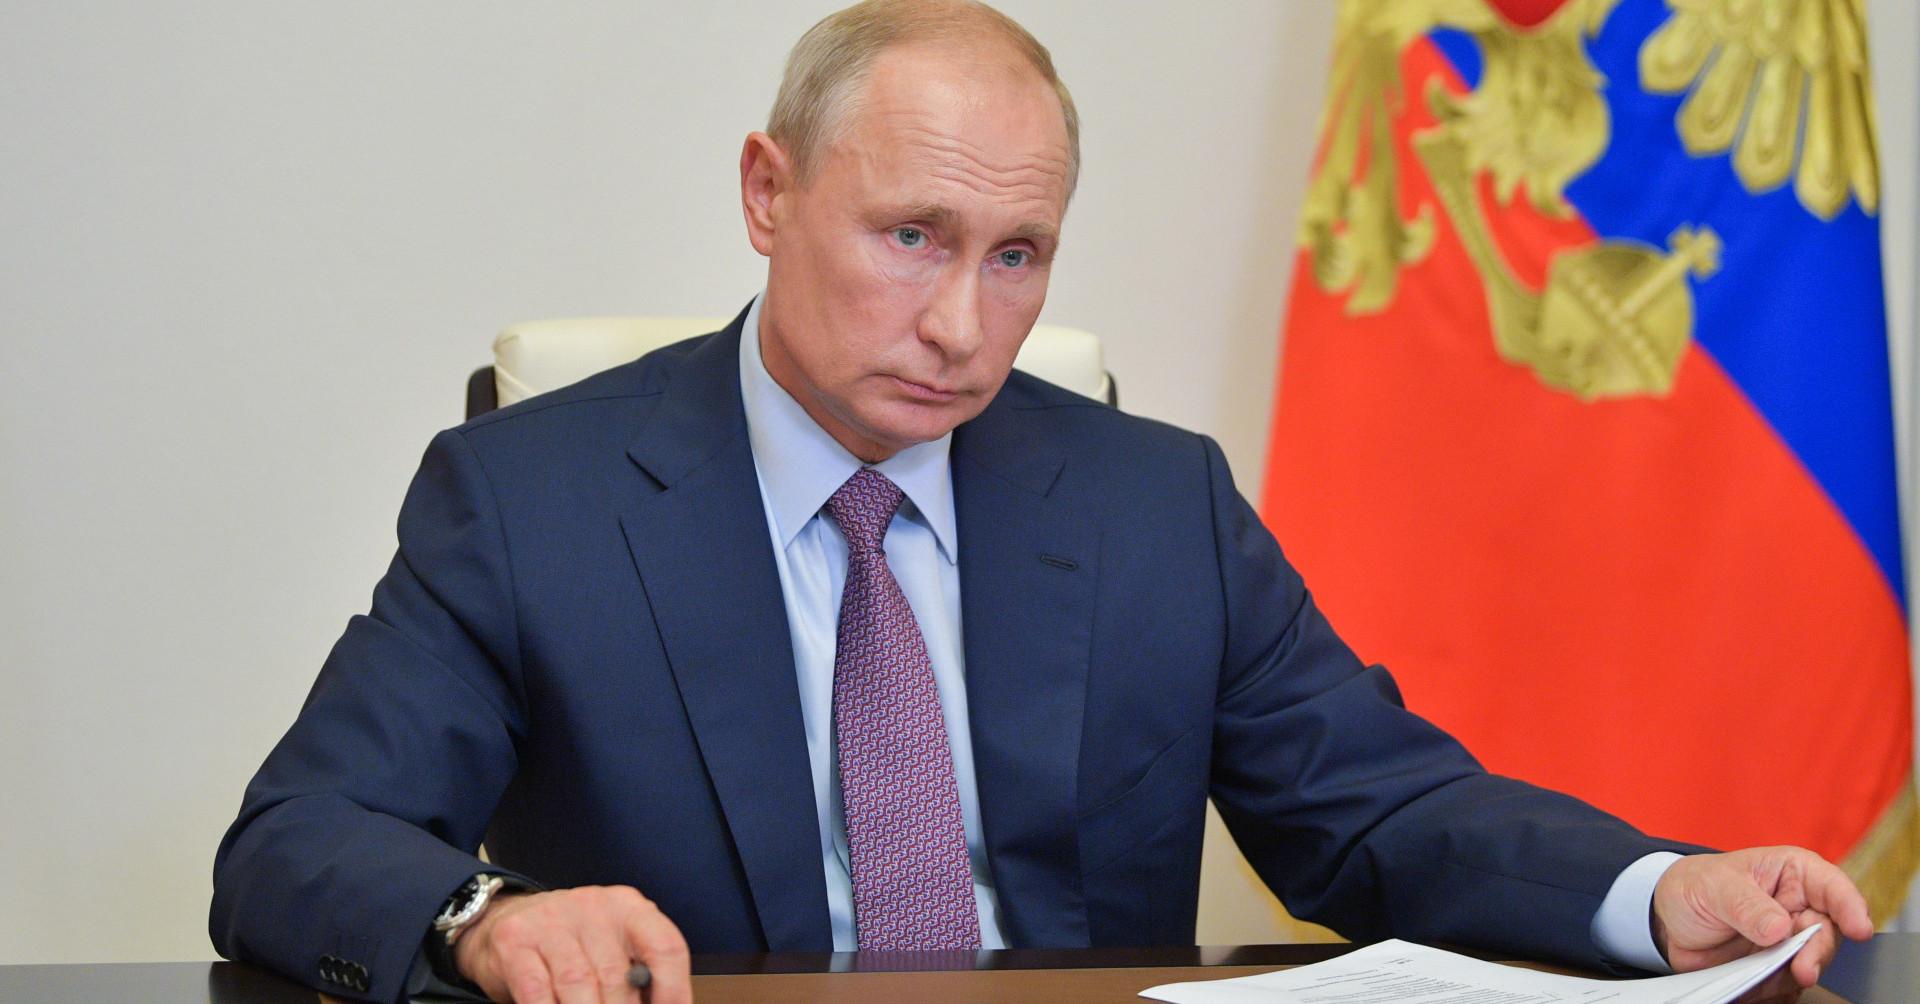 Putyin szerint rég nem volt ilyen rossz az orosz-amerikai kapcsolat, mint most